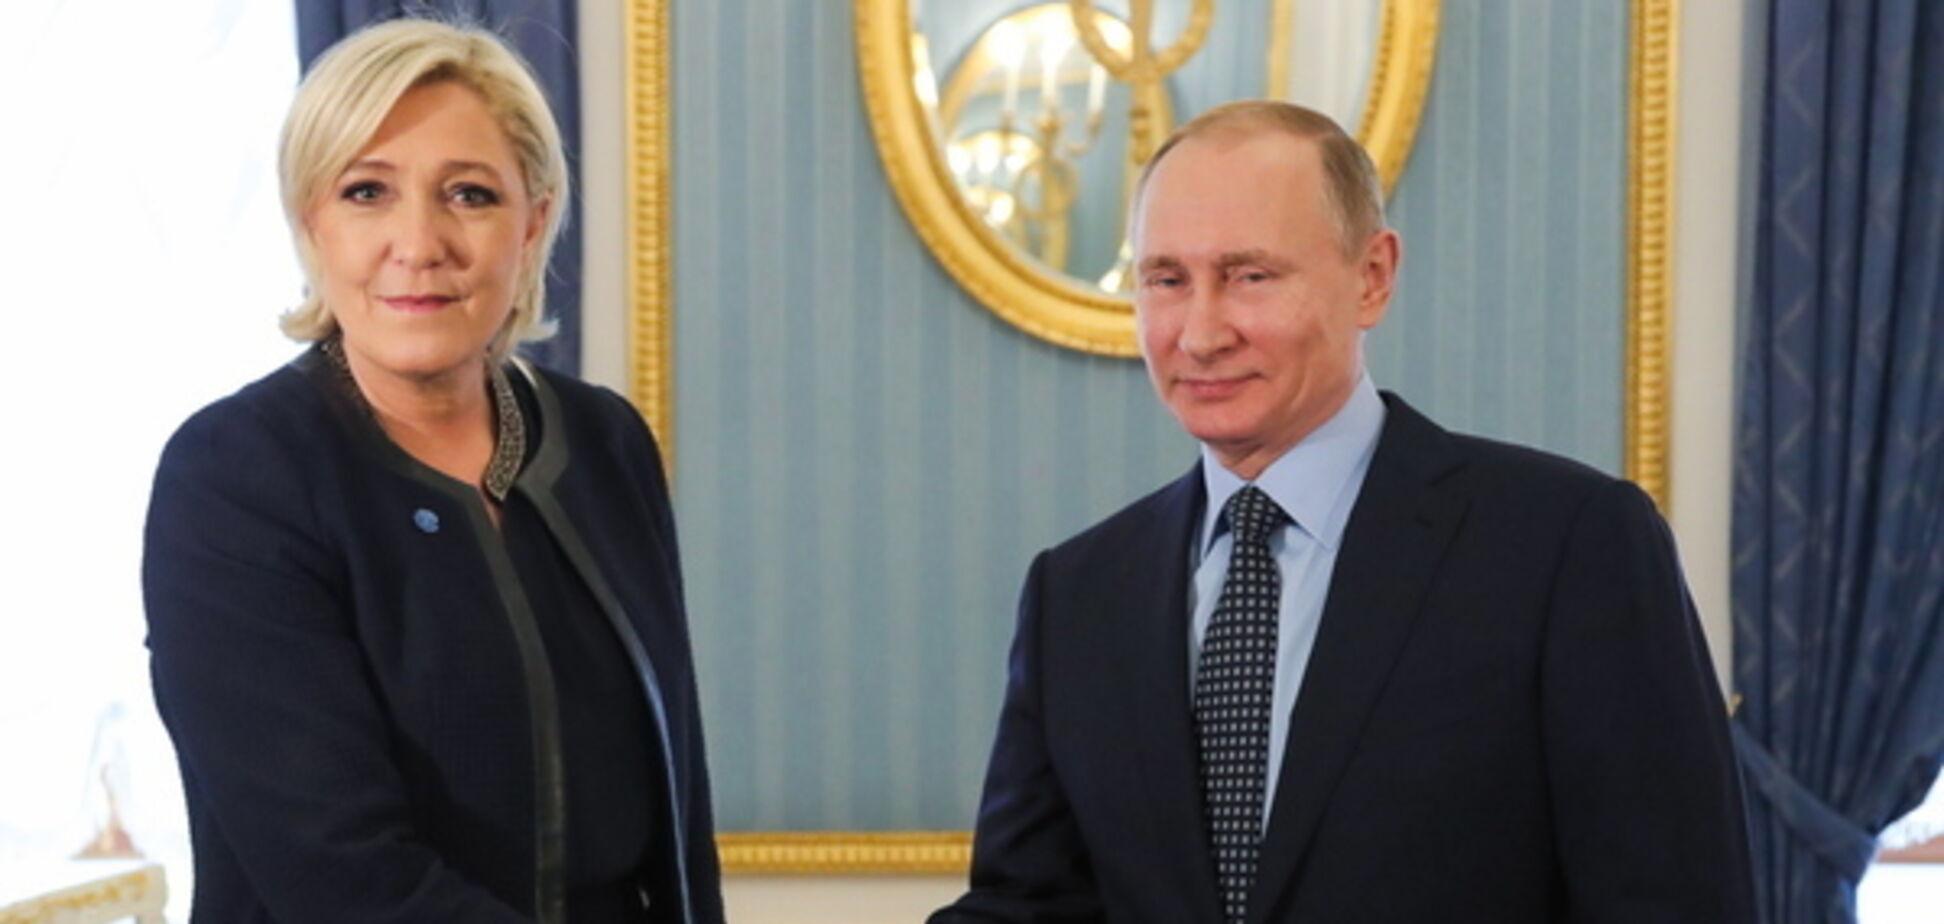 'Не допущу лапы!' Подруга Путина внезапно открестилась от Кремля